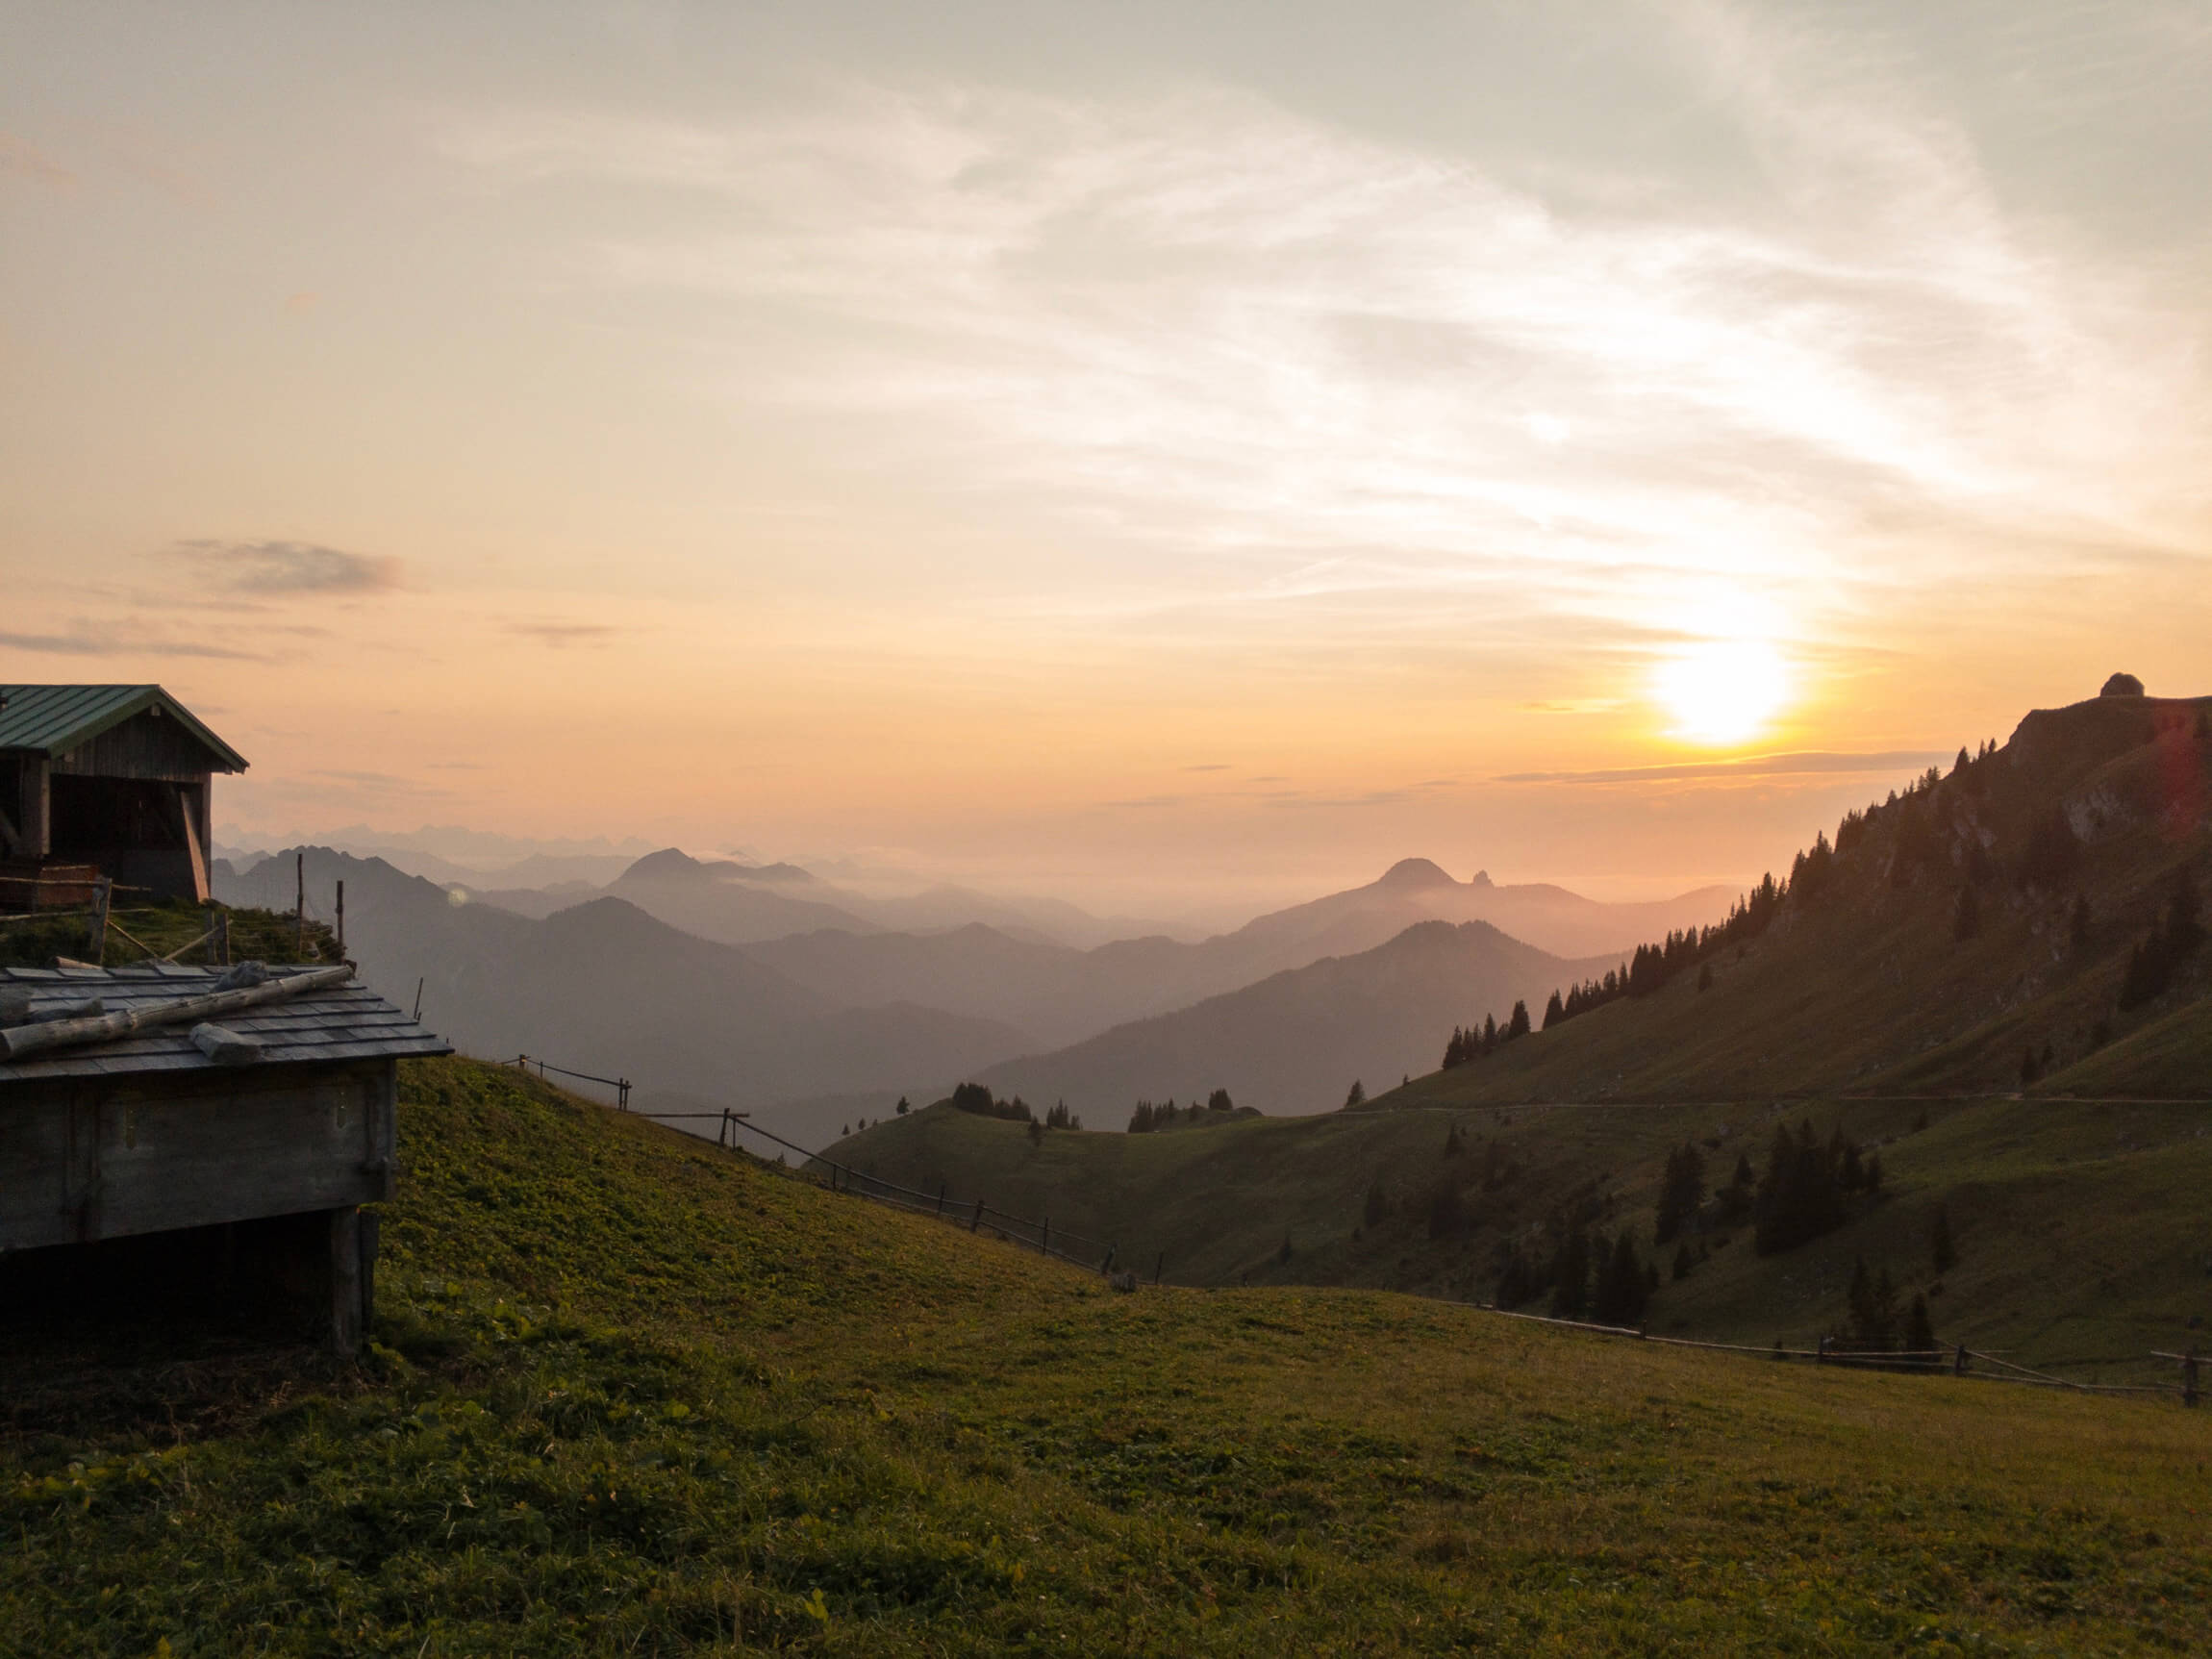 Sonnenuntergang am Rotwandhaus